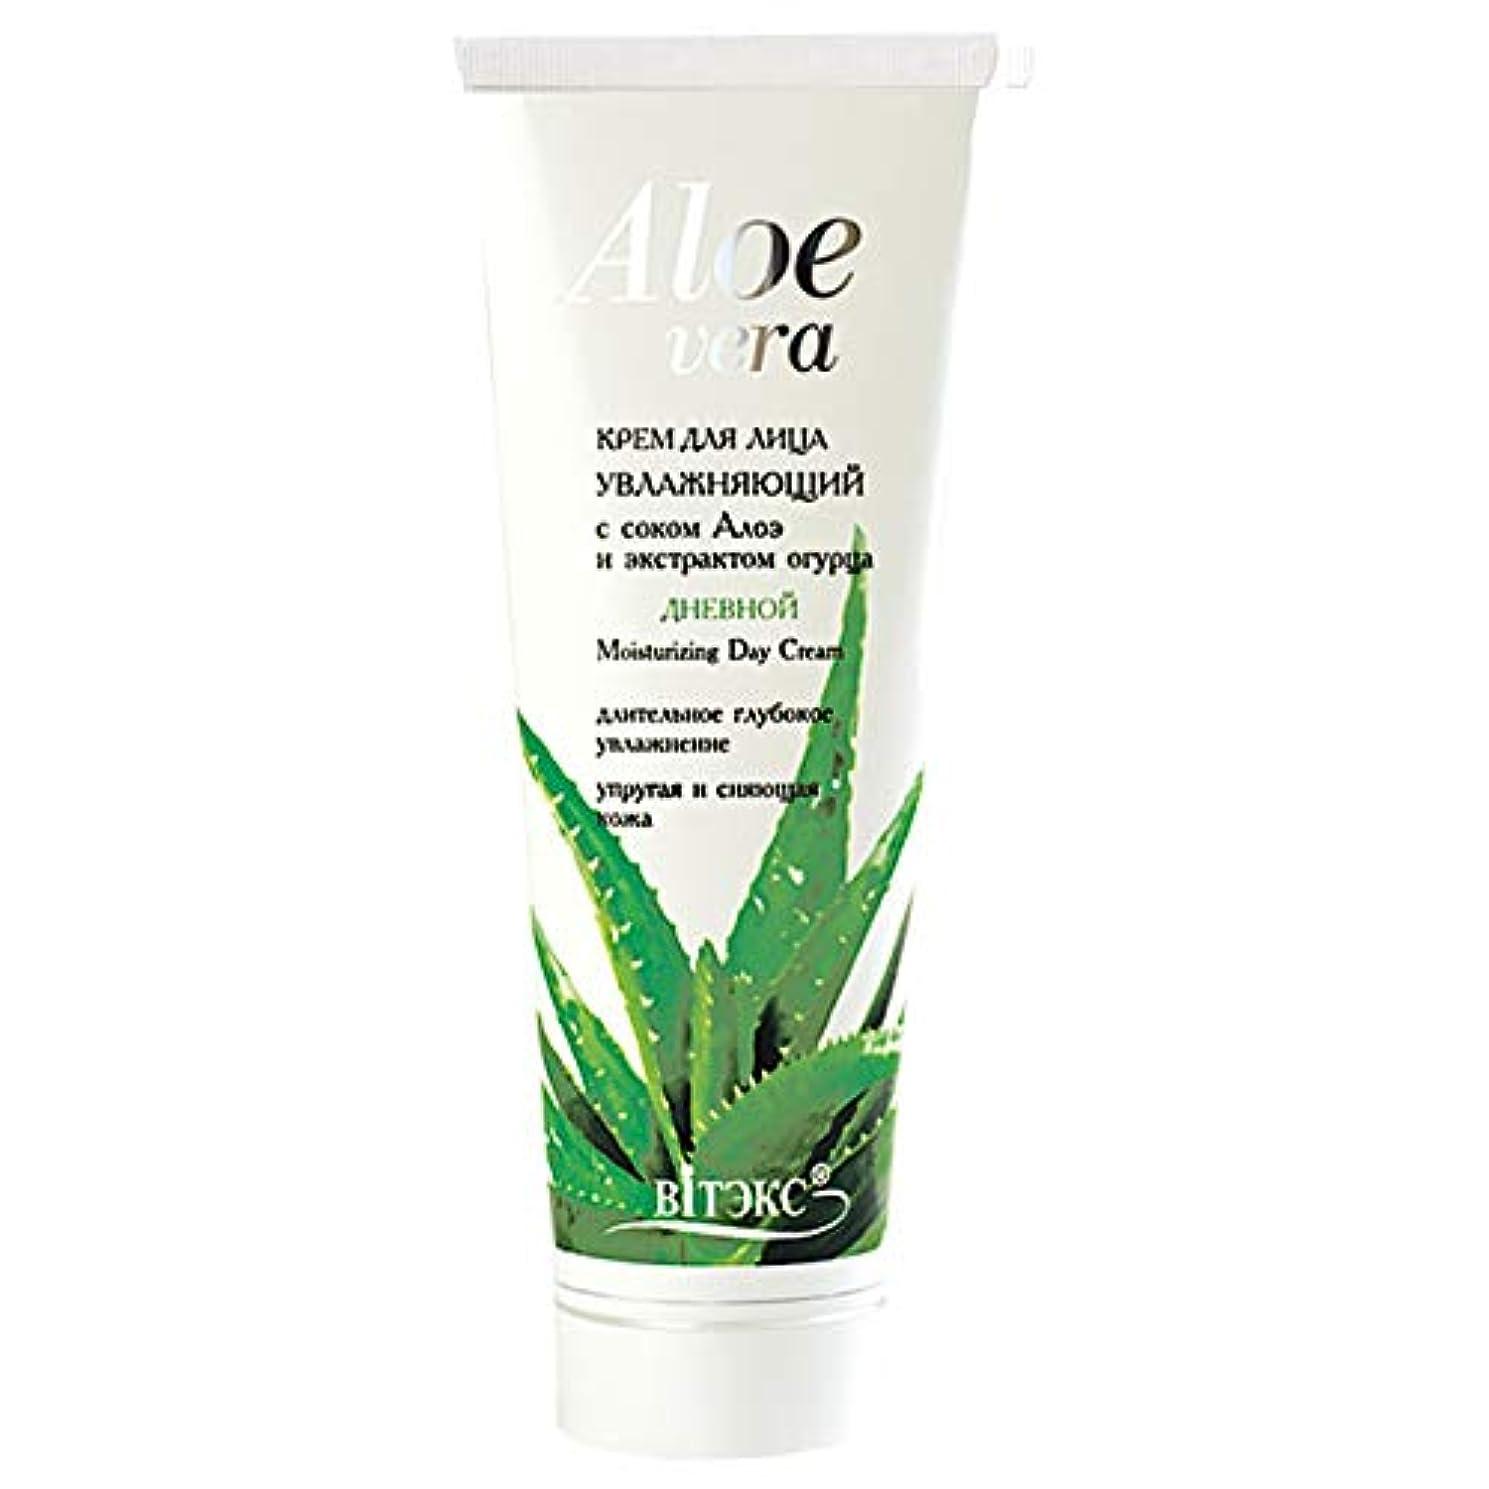 アフリカ人補正アレキサンダーグラハムベルBielita & Vitex | Aloe Vera Line | Moisturizing Day Face Cream for All Skin Types | Aloe Juice | Cucumber Extract | Vitamins | 75 ml